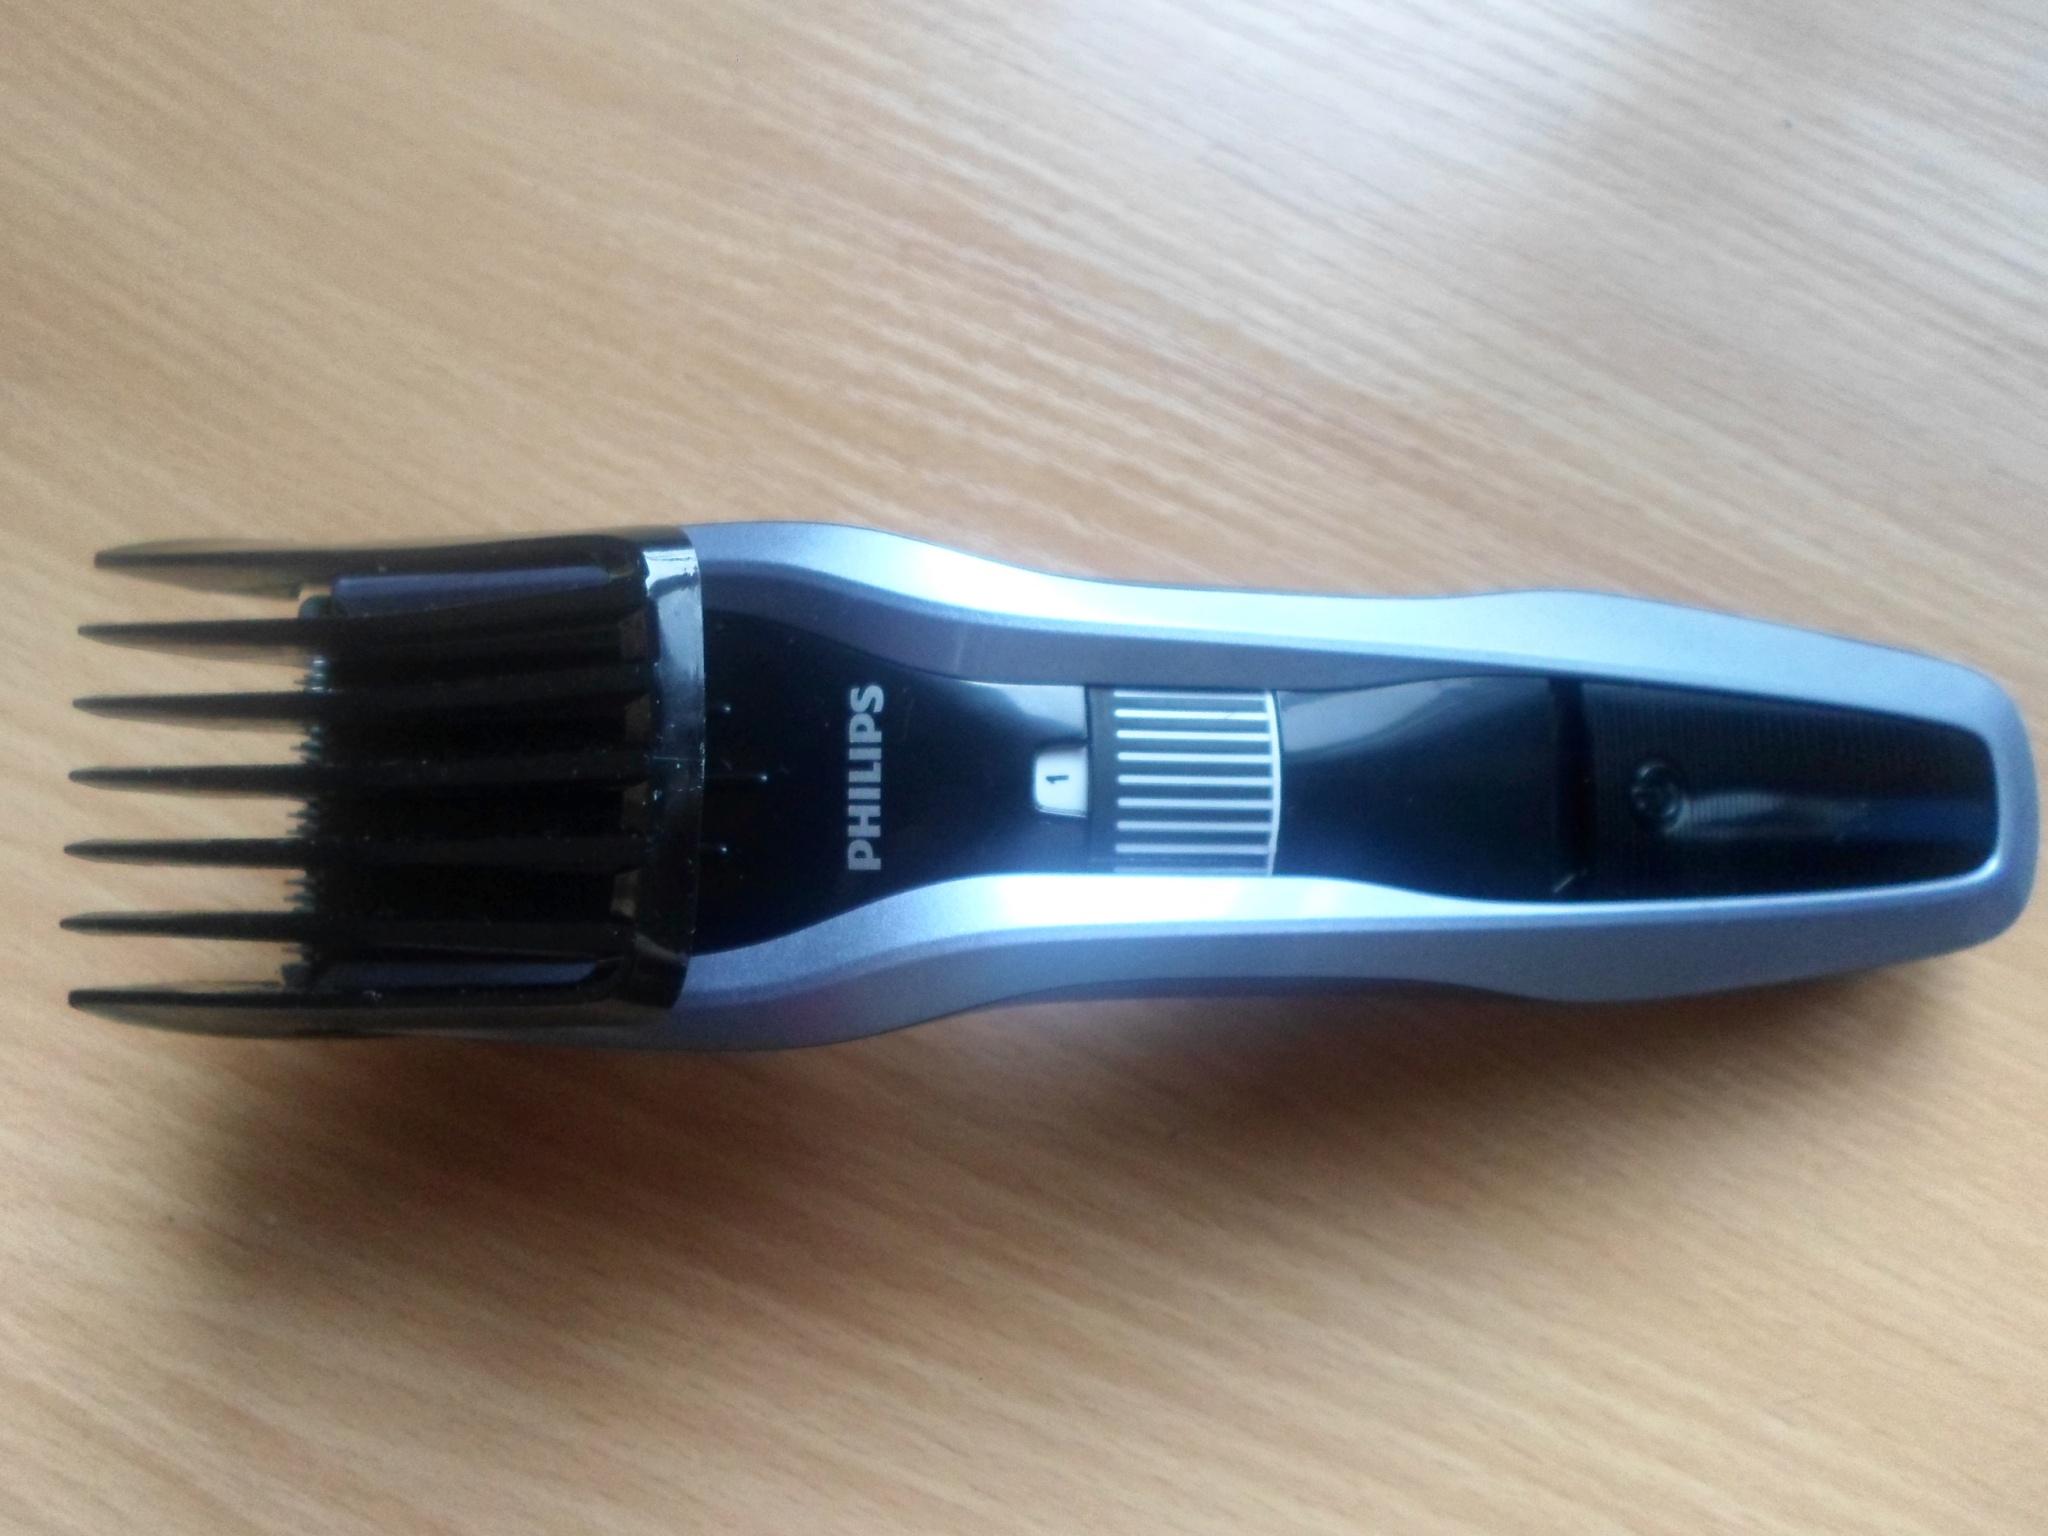 Отзывы о машинка для стрижки волос philips hc5410